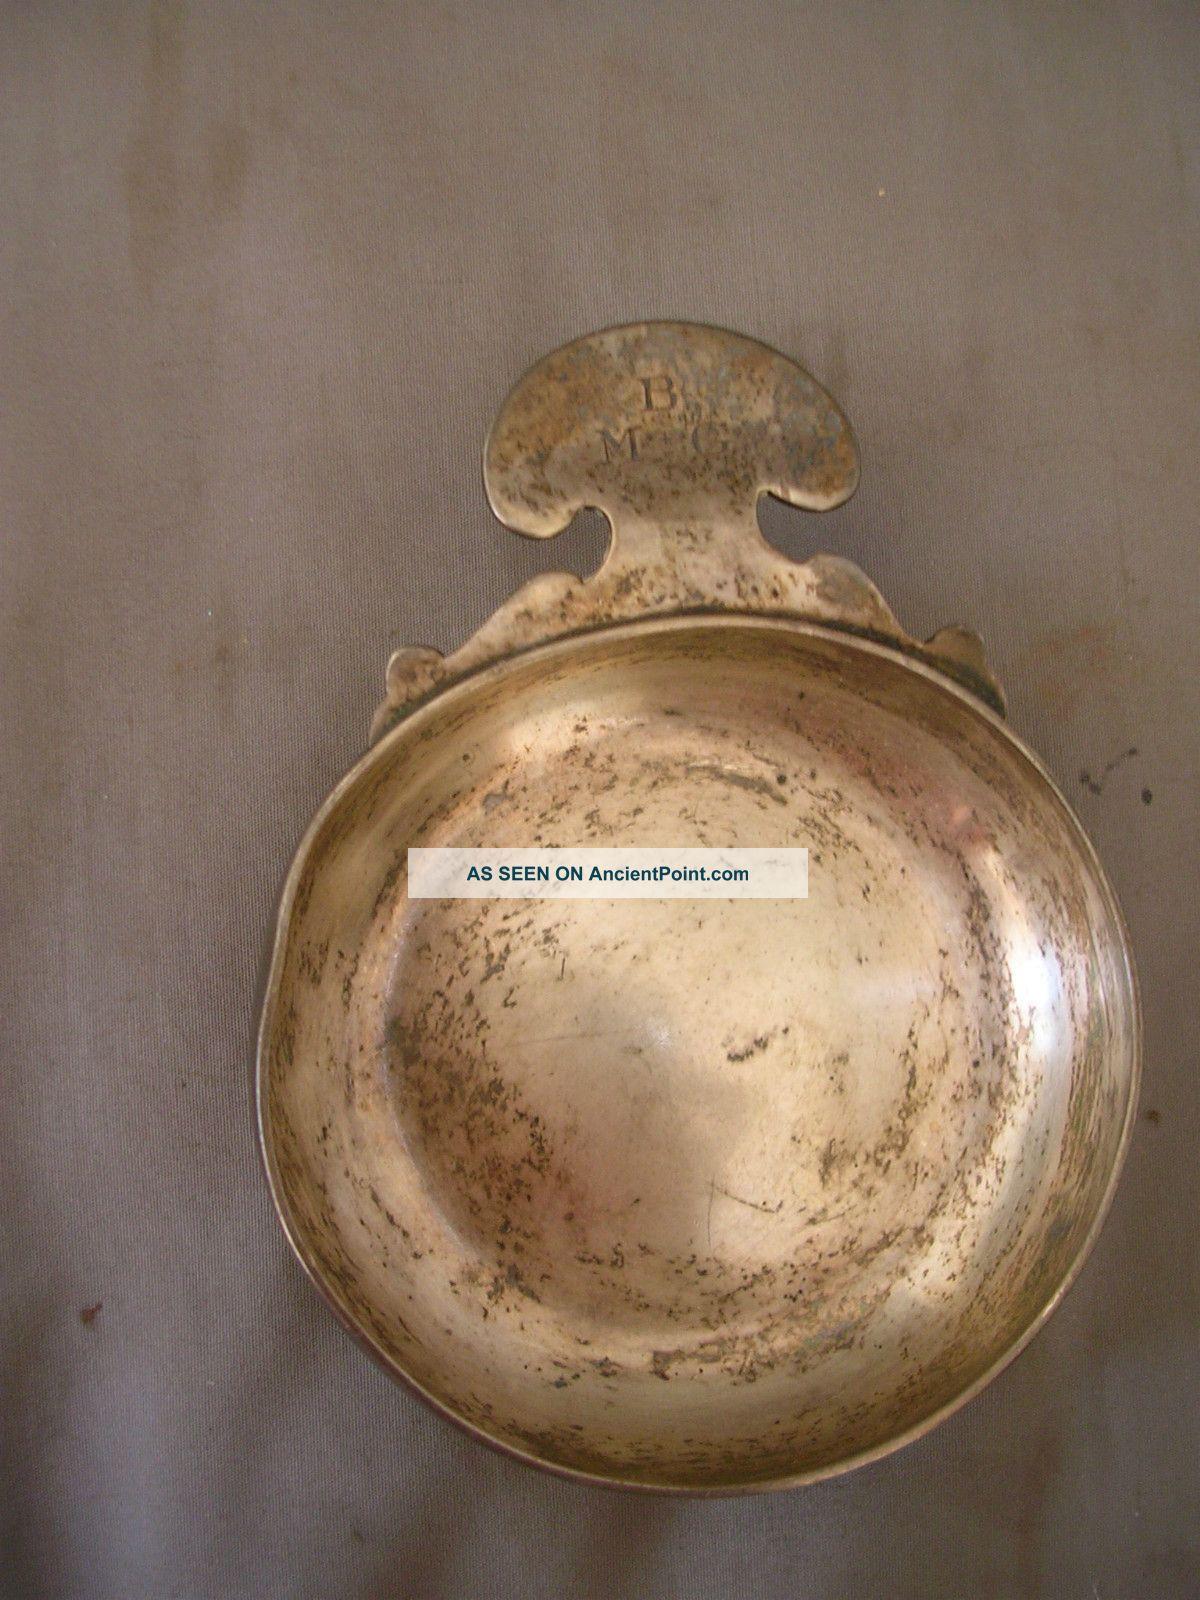 Vintage Ensko New York Sterling Silver Wine Taster Cup - 4.  4 Oz.  Monogram Bm&g Cups & Goblets photo